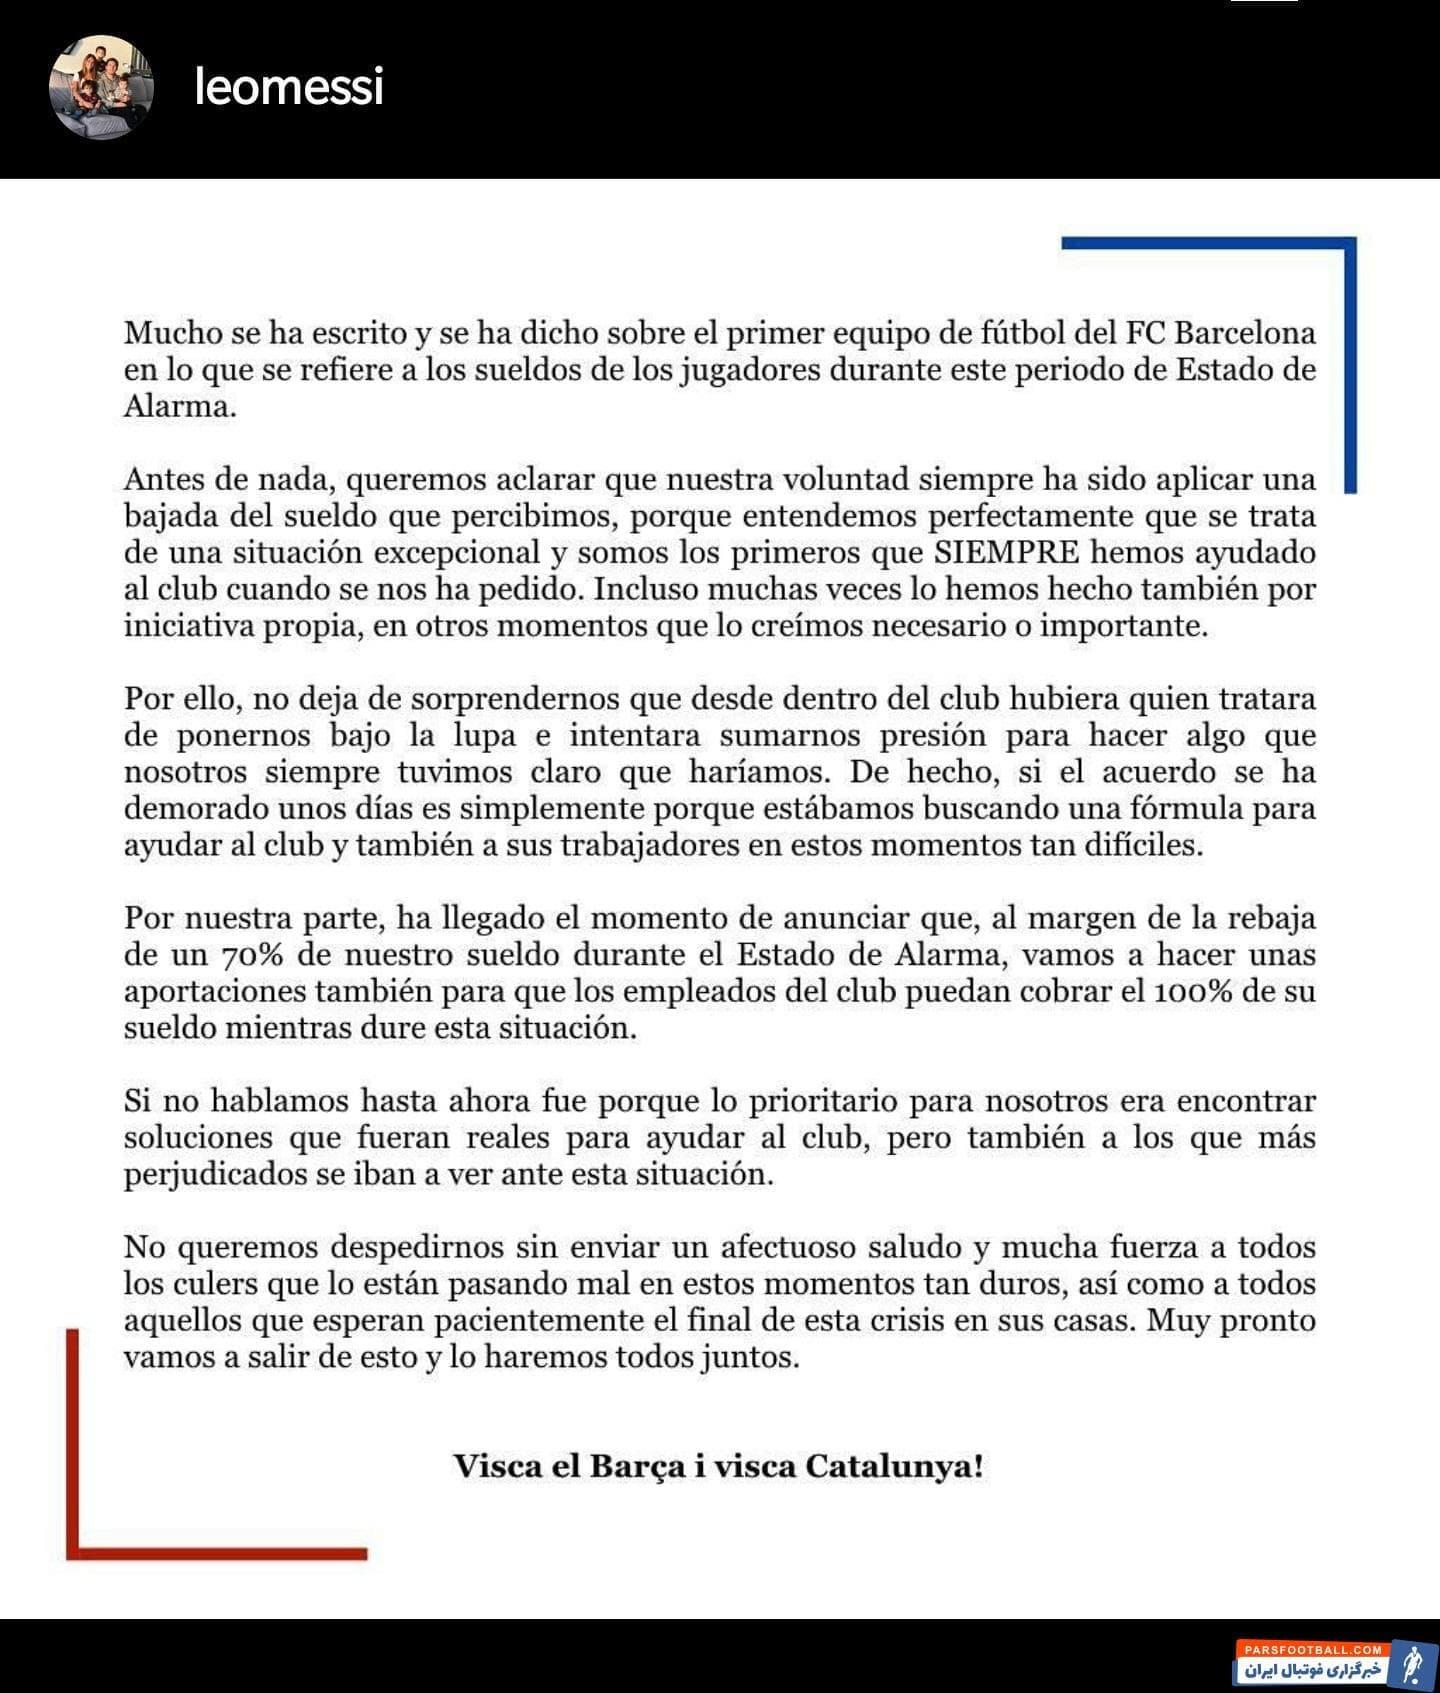 لیونل مسی با انتشار پستی در صفحه اینستاگرامش این توافق را تأیید کرد و اعلام کرد بازیکنان بارسلونا حاضر شدهاند تا ۷۰ درصد حقوقشان را کاهش دهند.